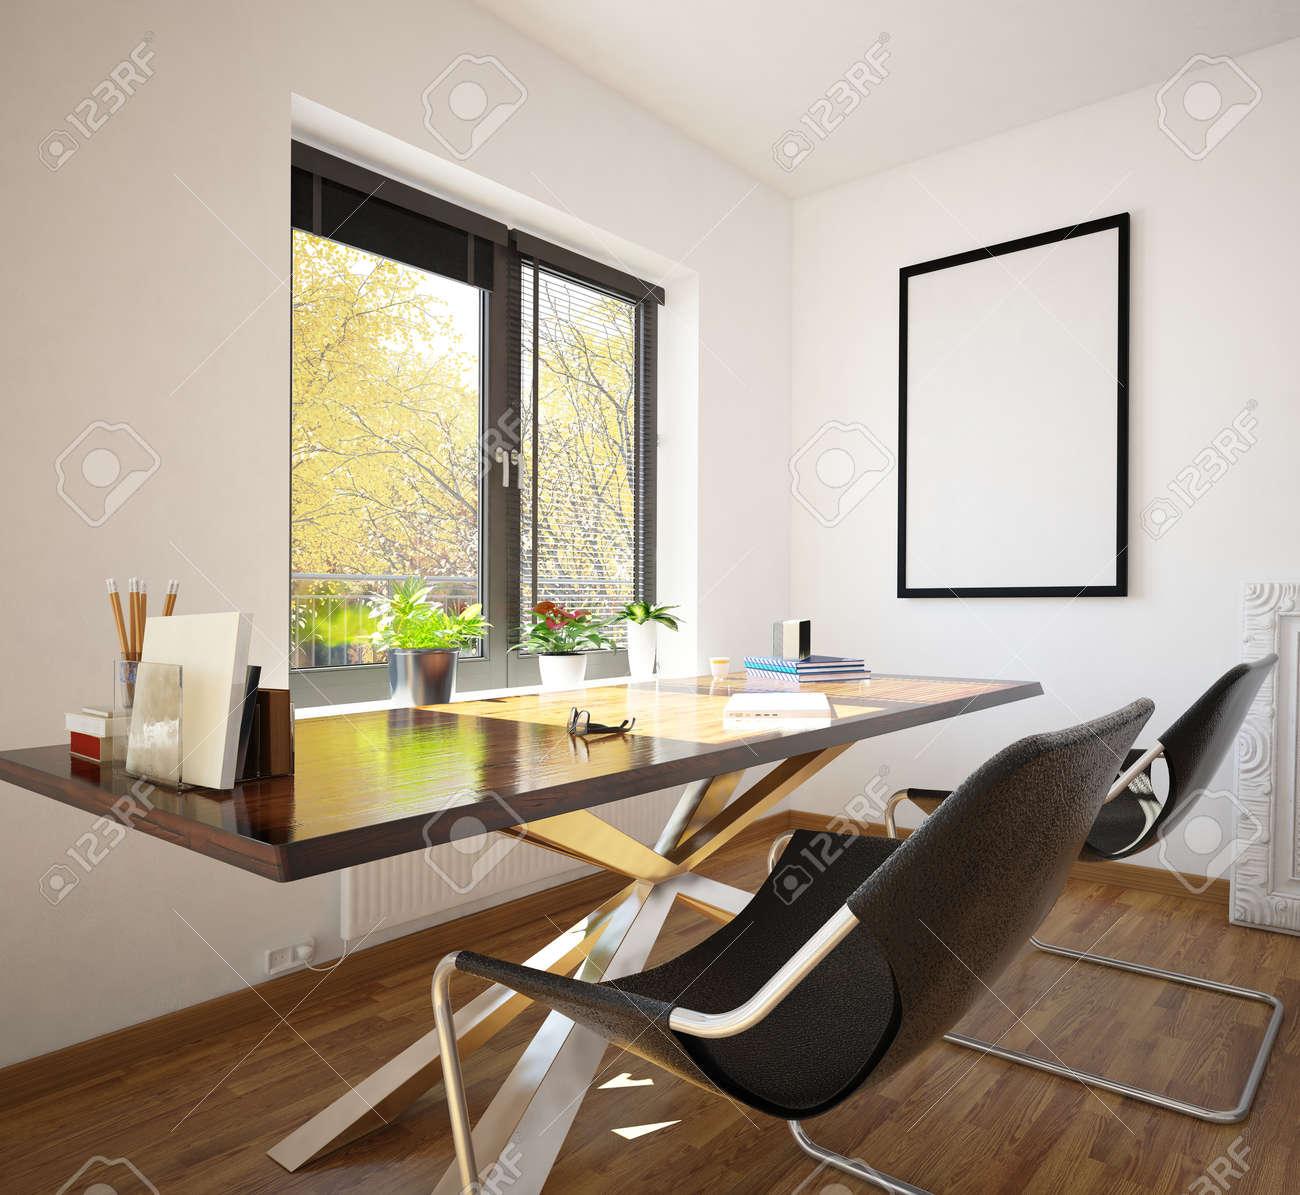 Modern office de maison soignée décoration intérieure avec deux chaises  modulaires contemporaines et une table en face d\'une fenêtre donnant sur un  ...